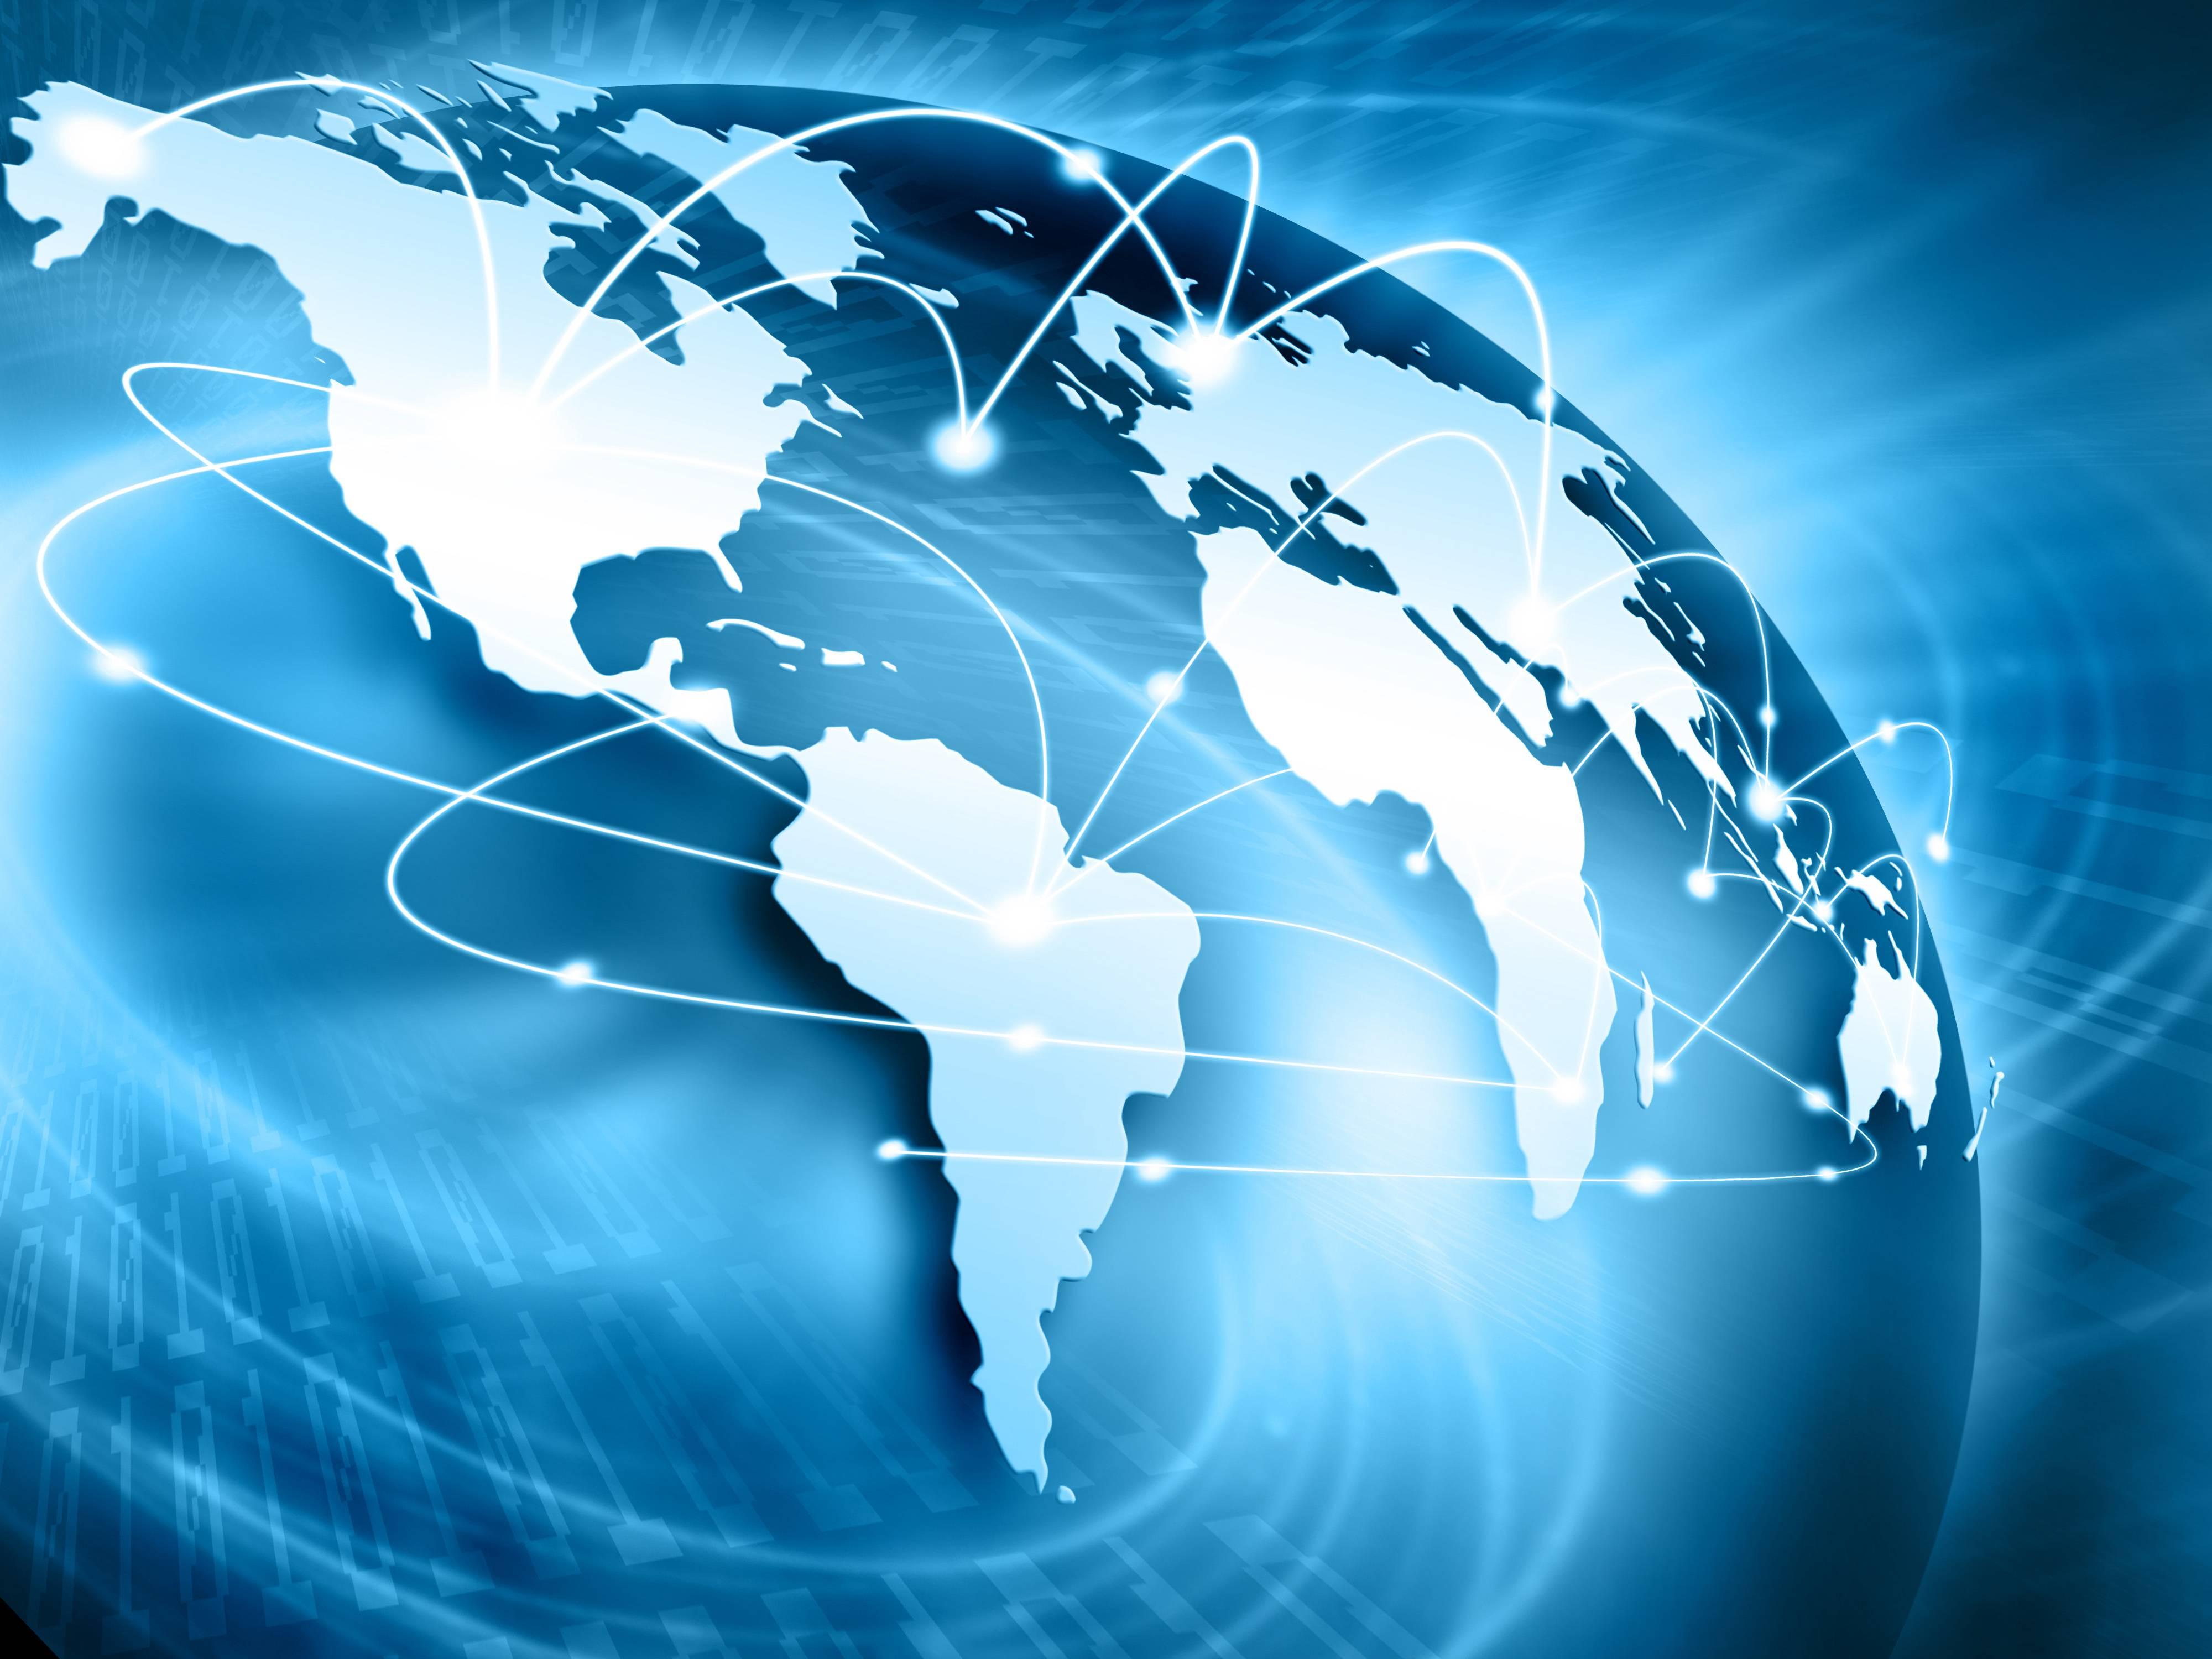 континент, корпорация, данные